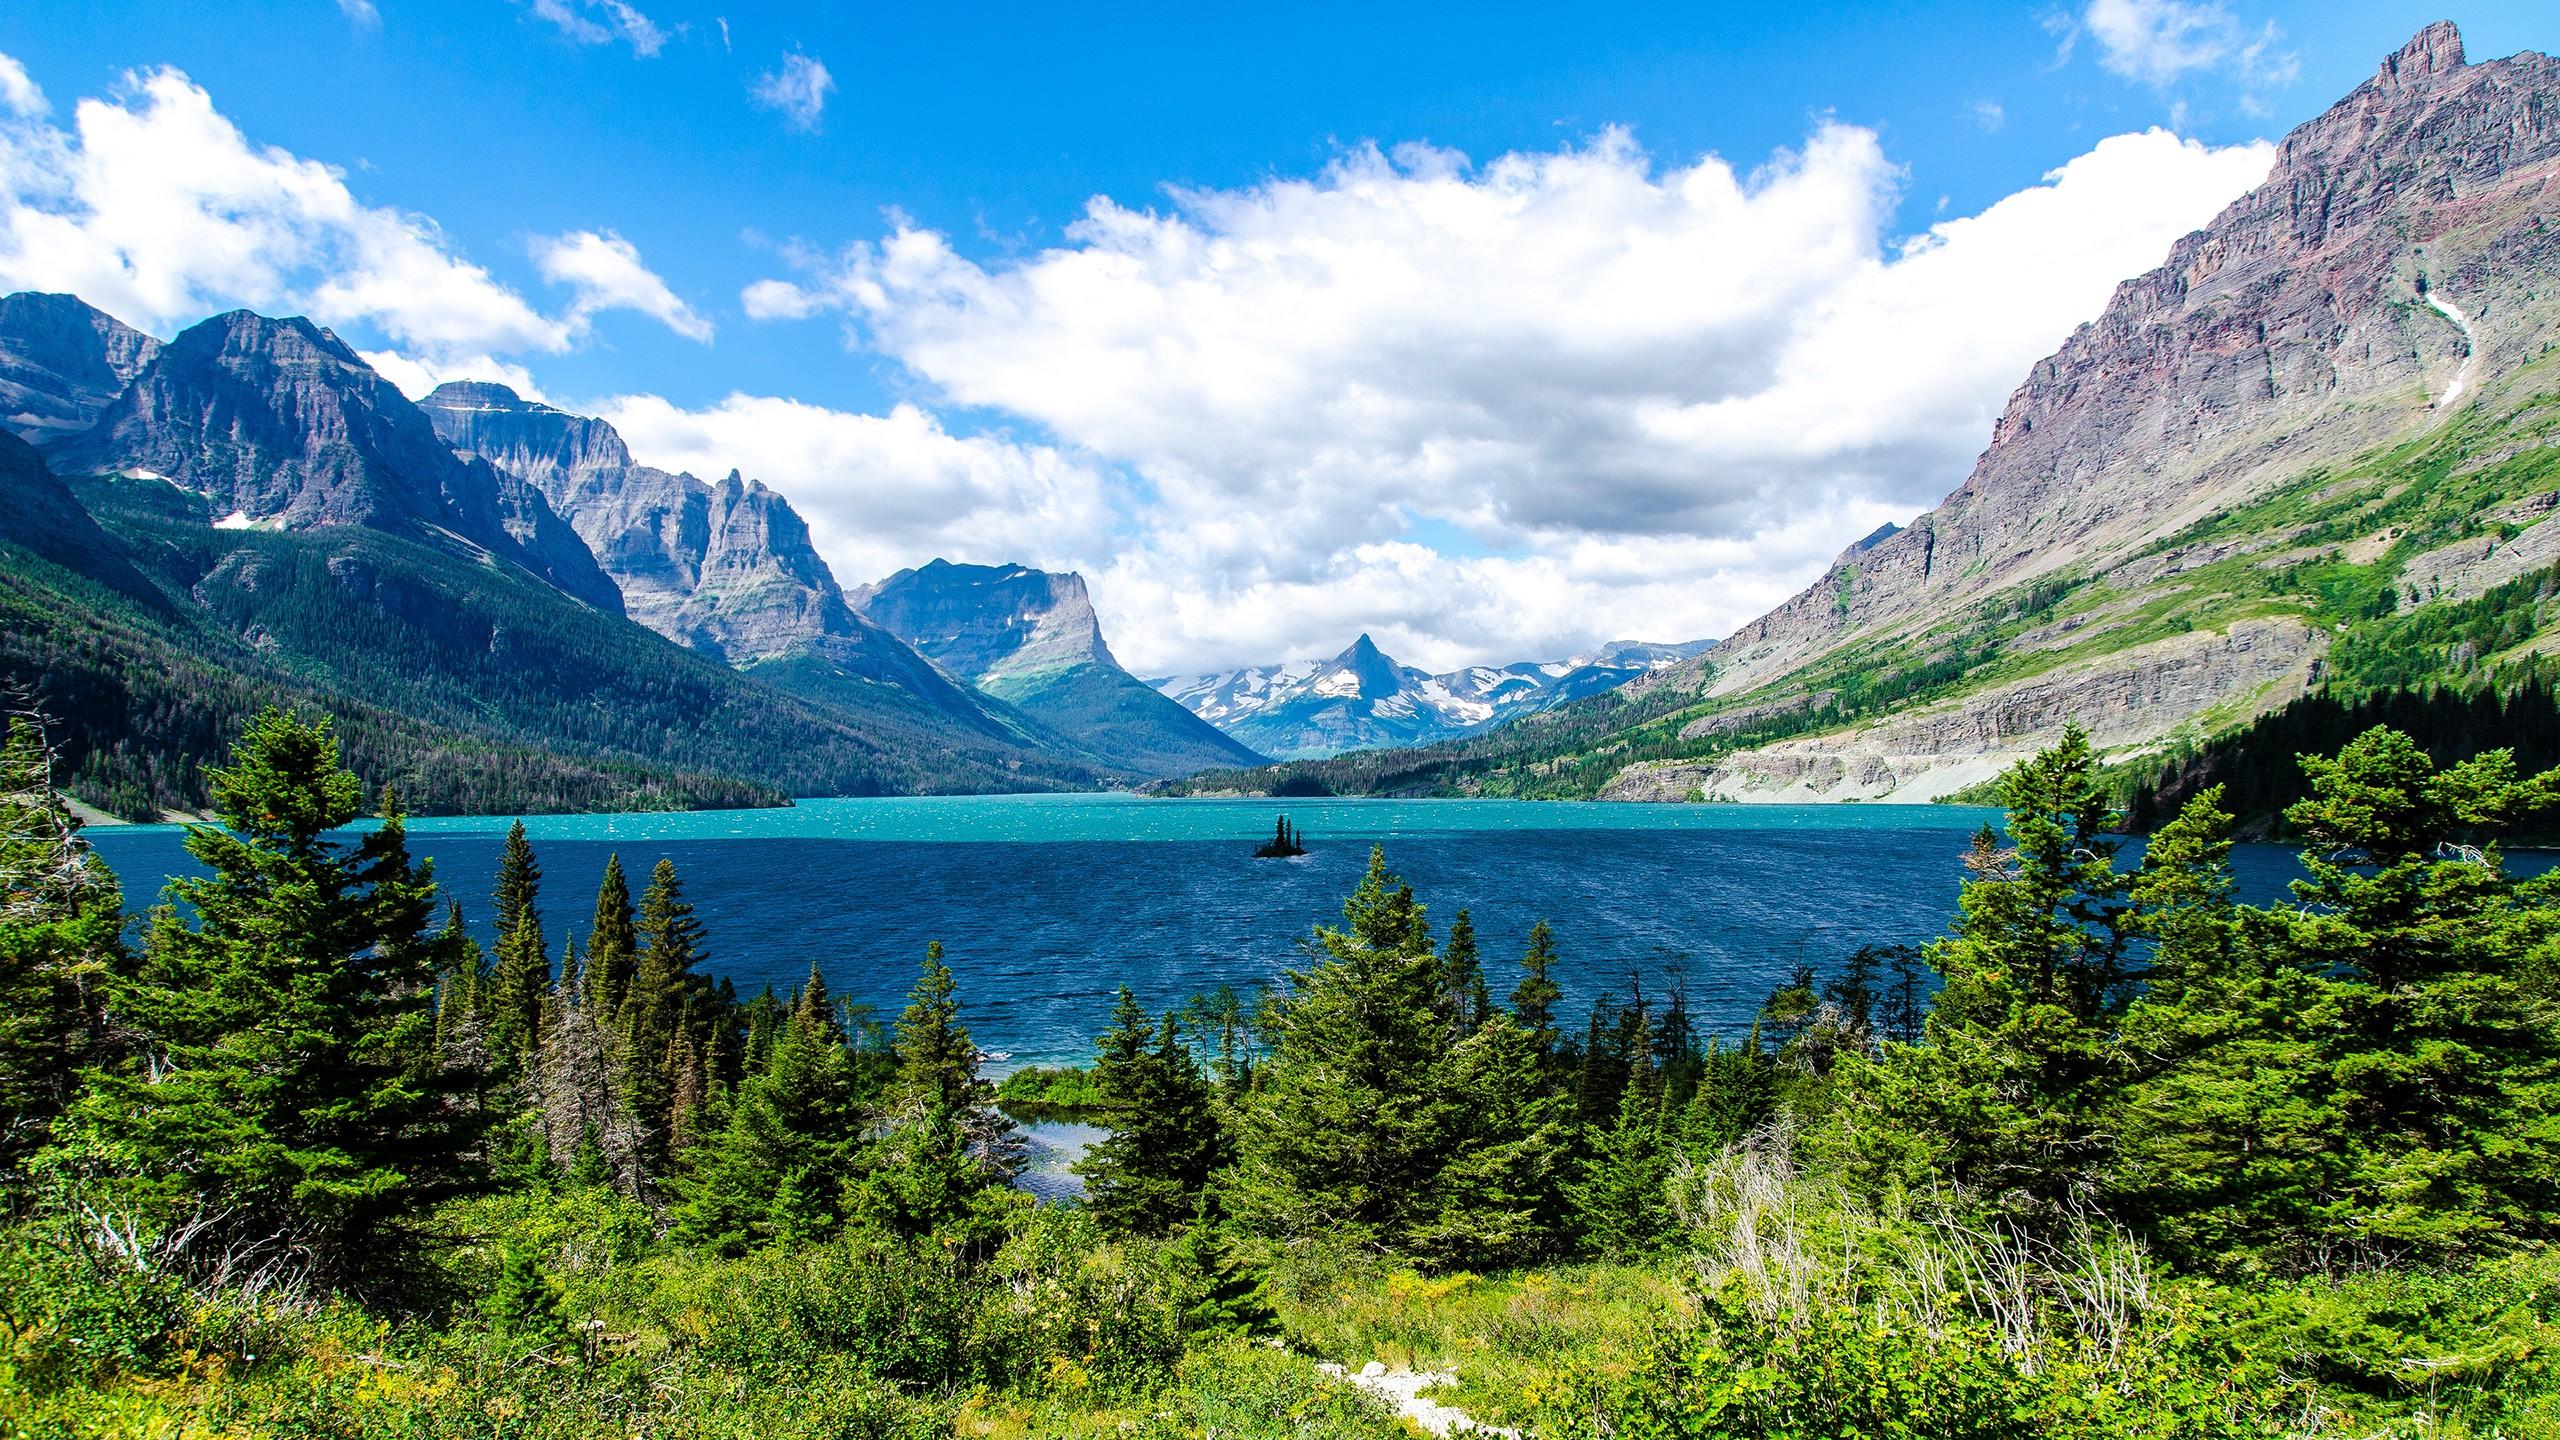 HQ Glacier National Park Wallpapers | File 1717.11Kb